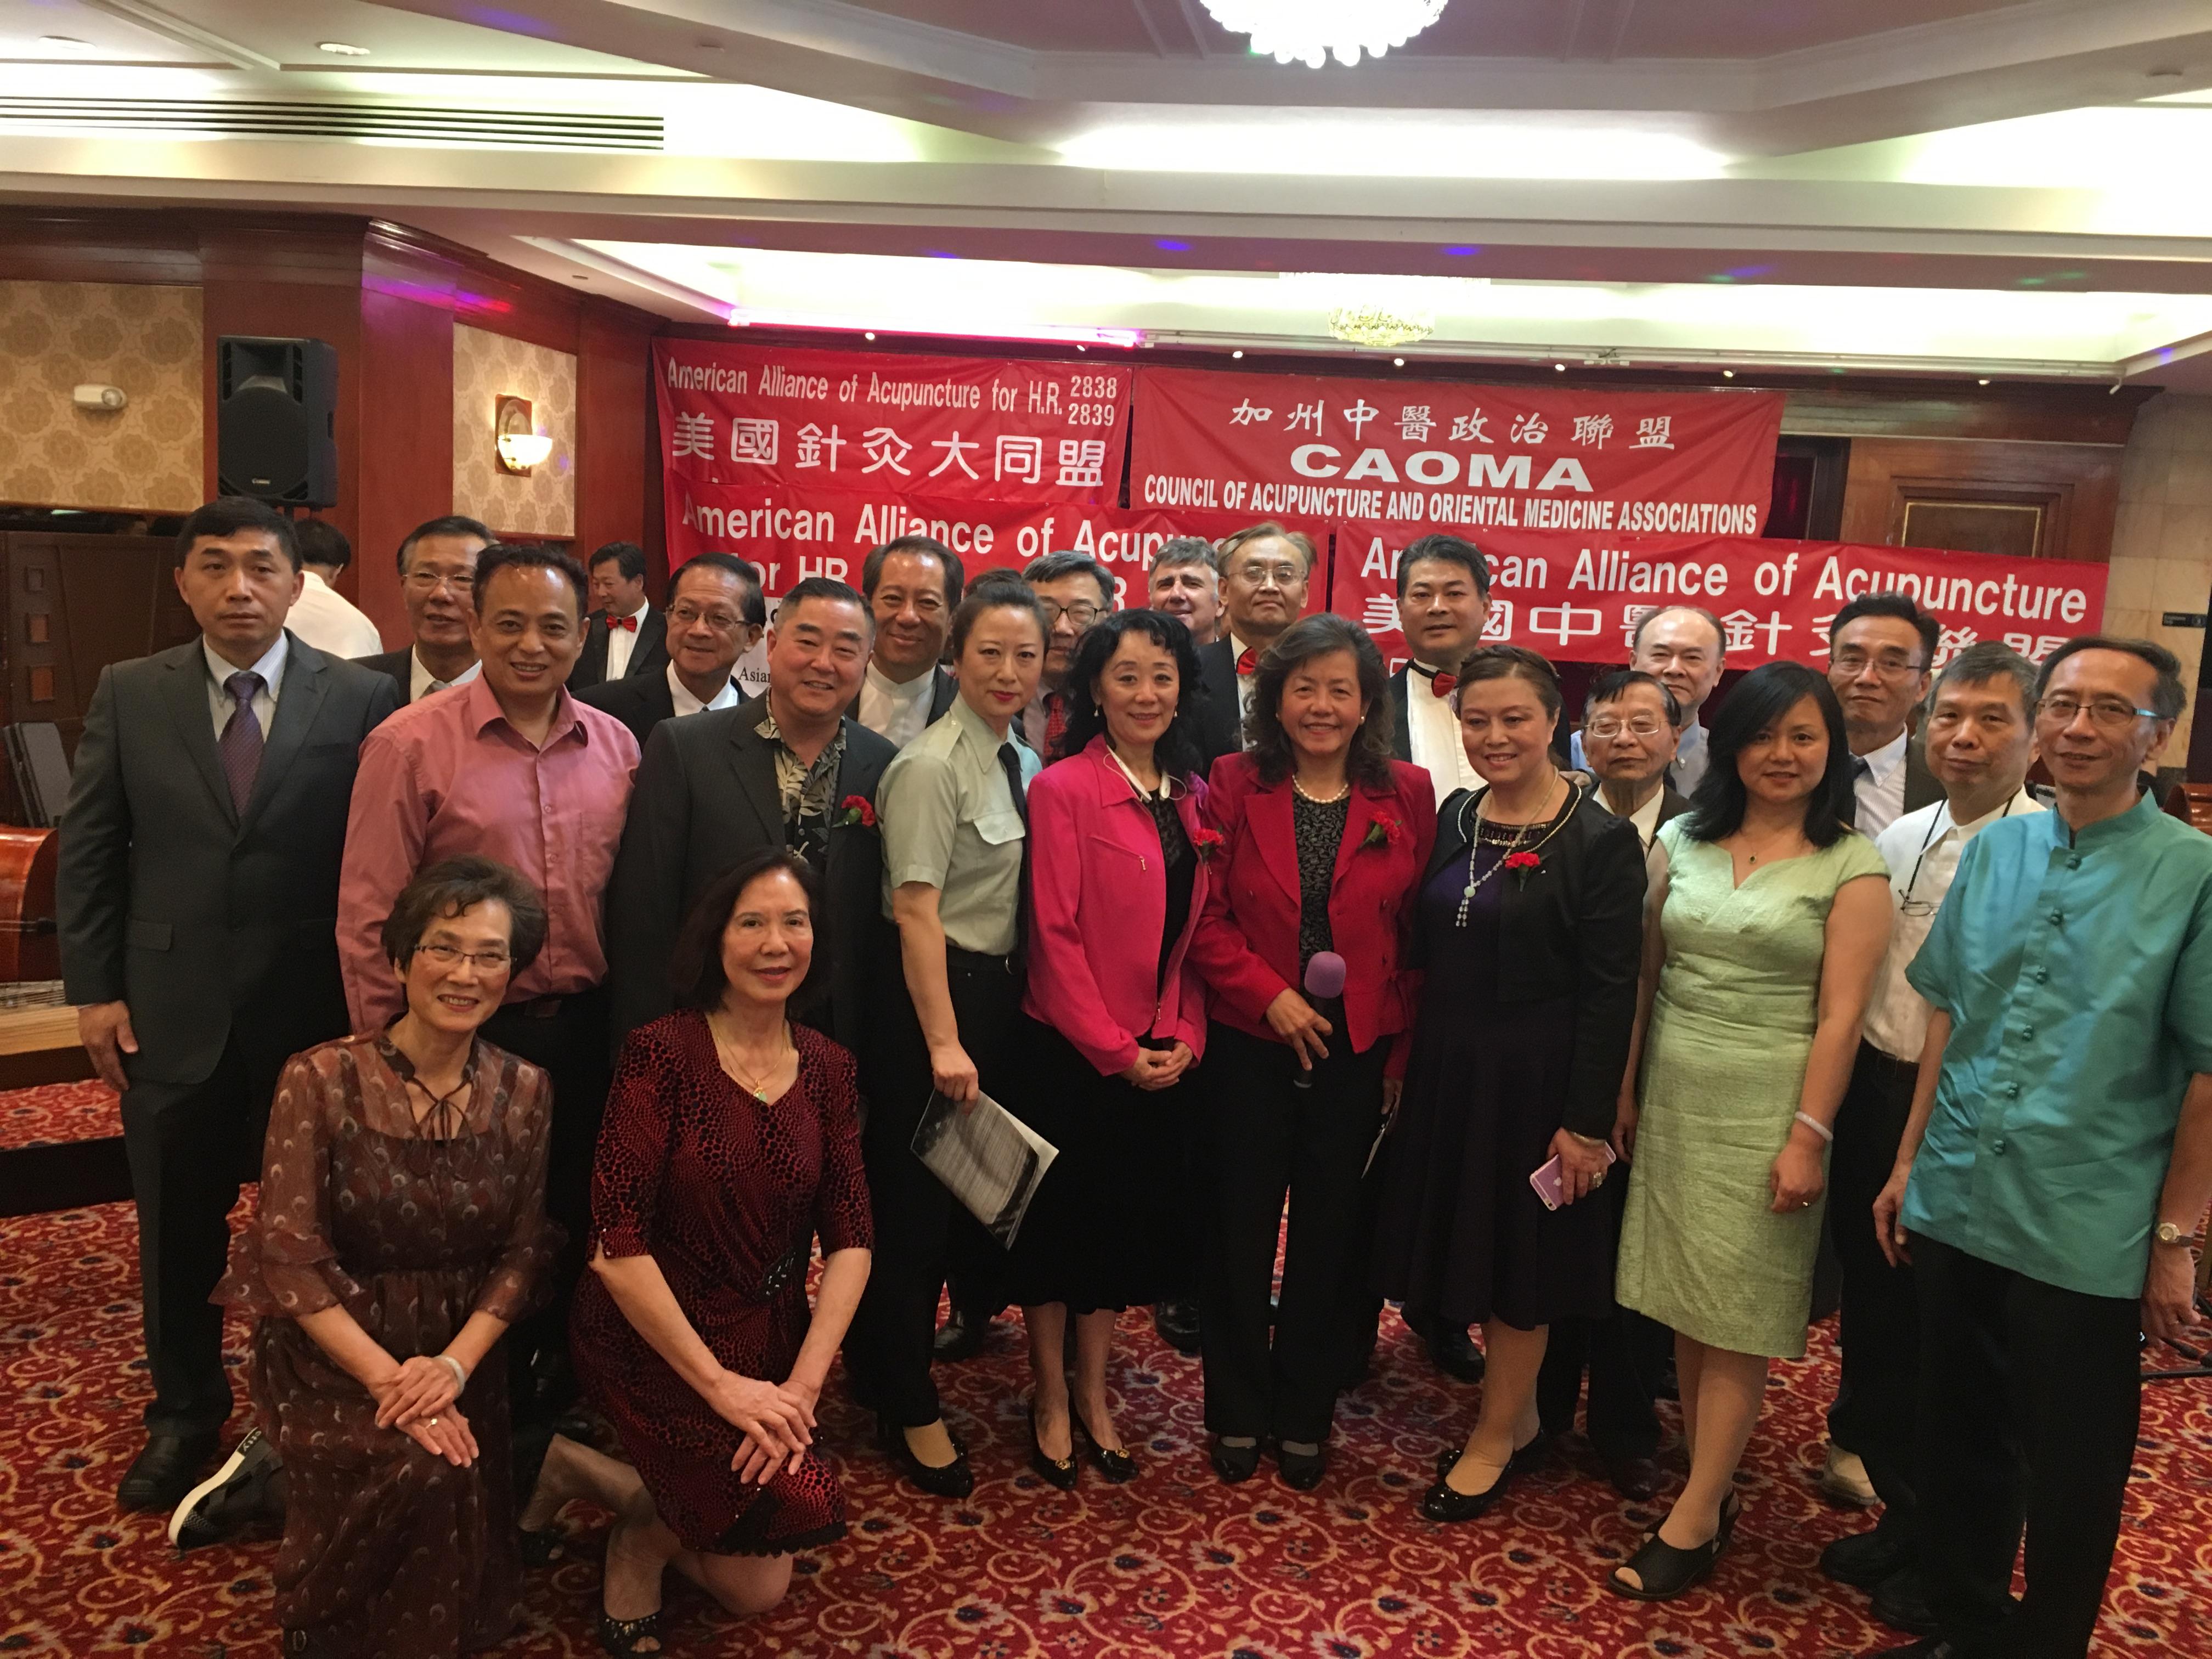 劉美嫦(前排中)與部分聯盟成員和理事合影。記者彭依寧攝